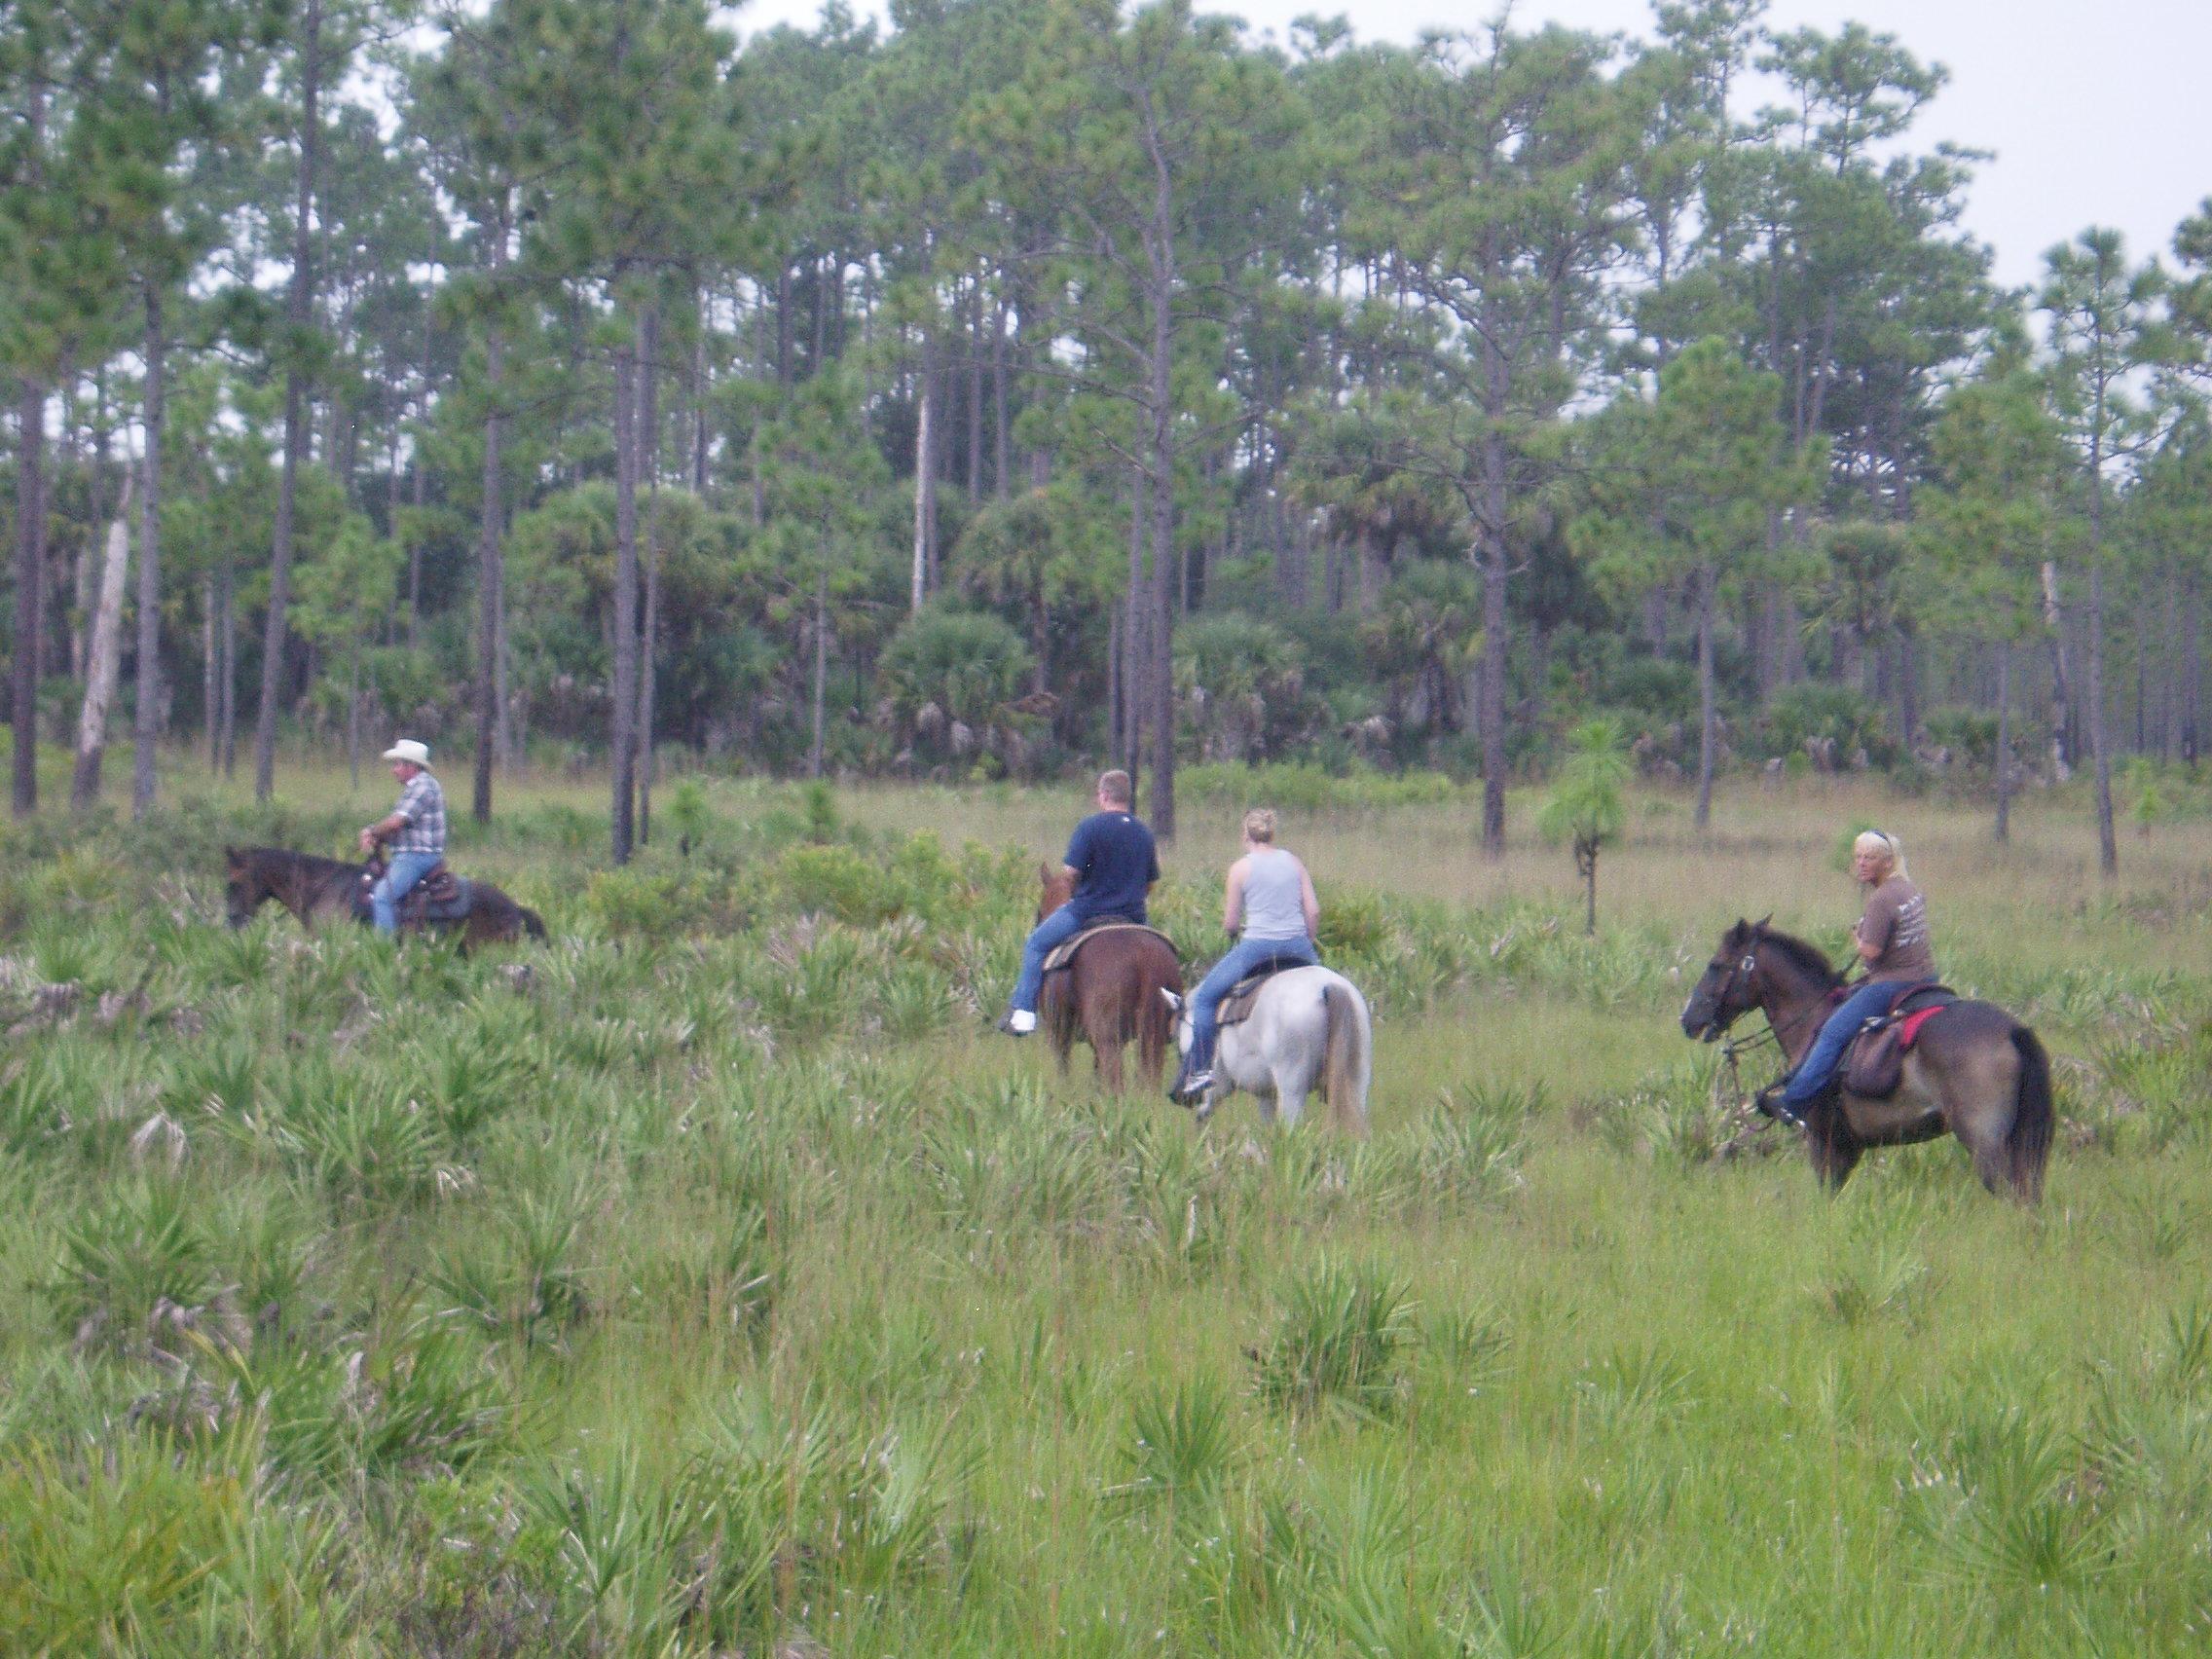 Horseback Safari at Forever Florida